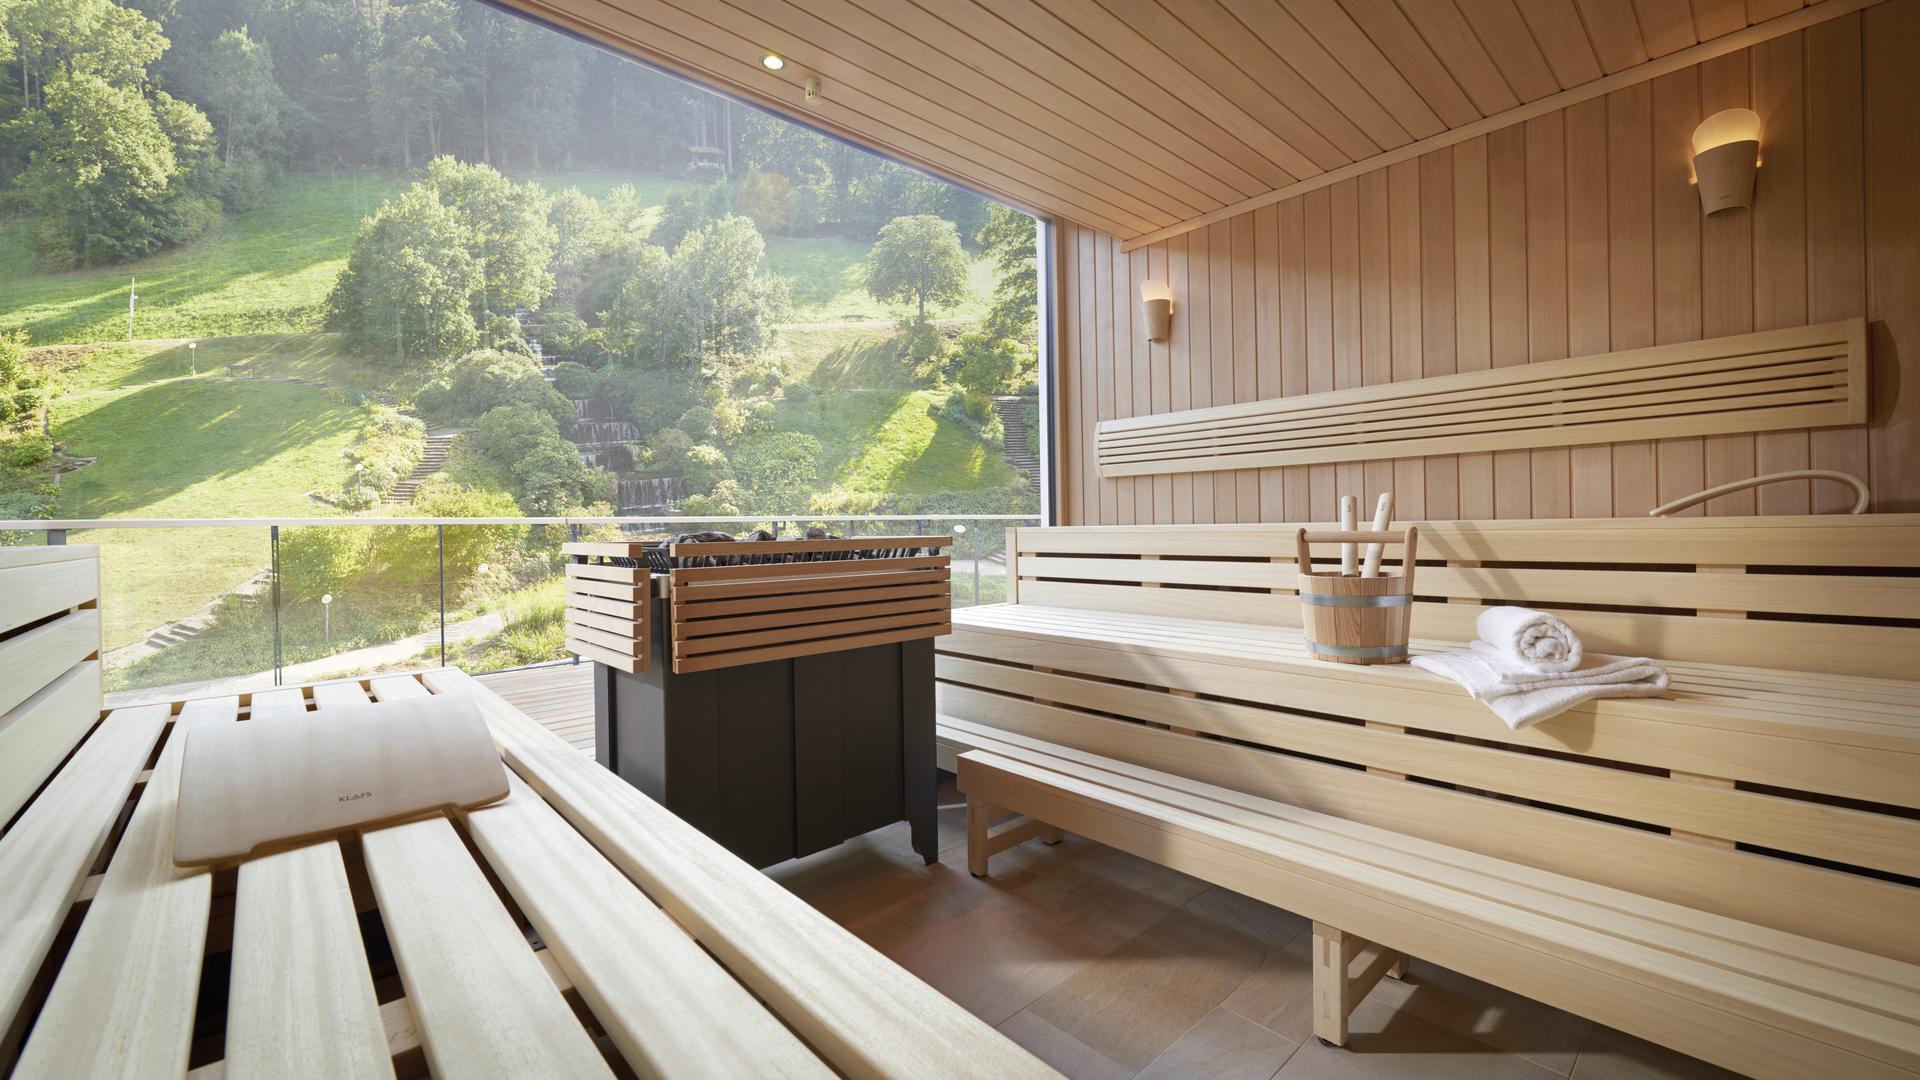 Hotel Therme Bad Teinach, Sauna SR 2017